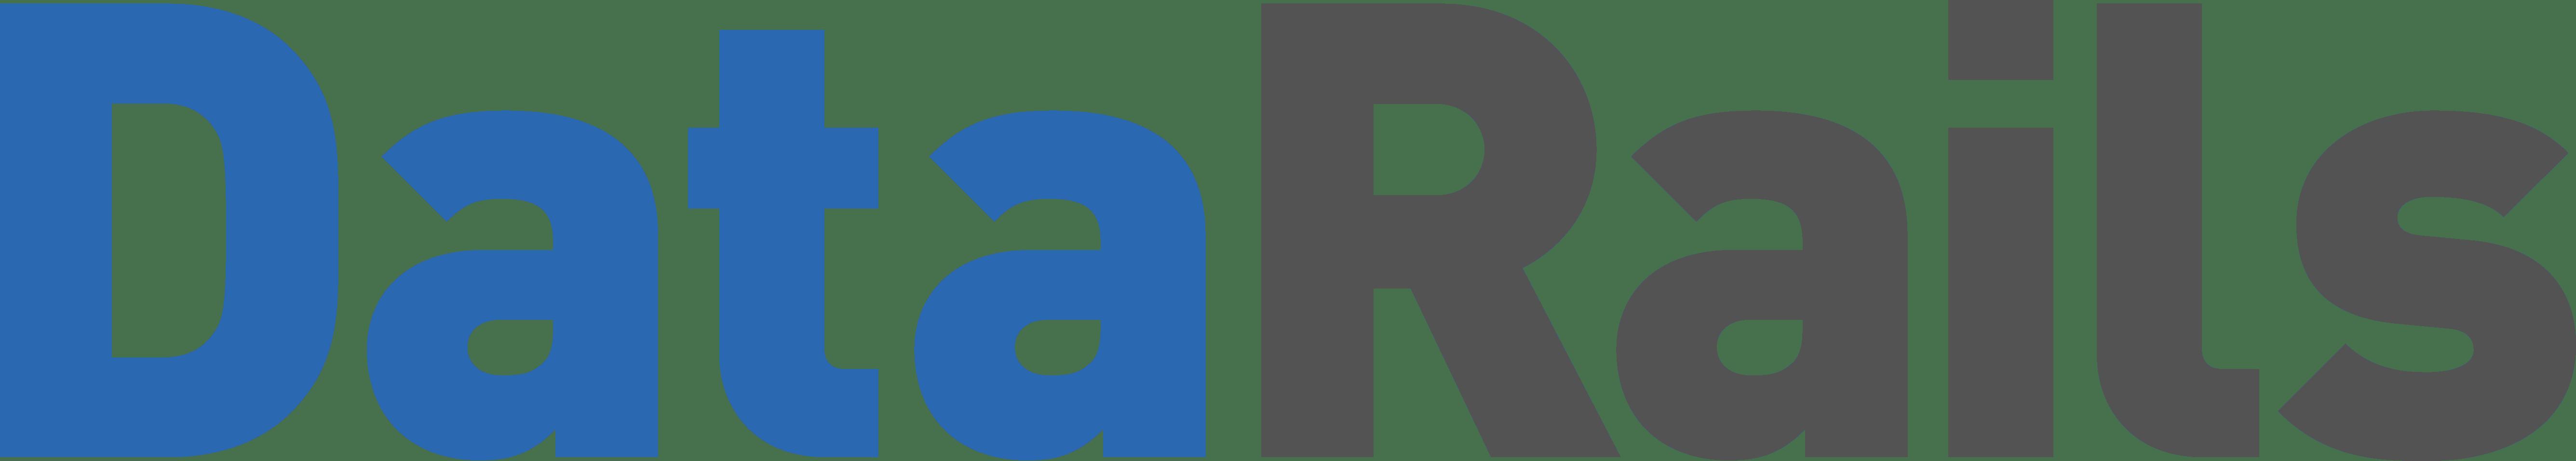 DataRails - Crunchbase Company Profile & Funding